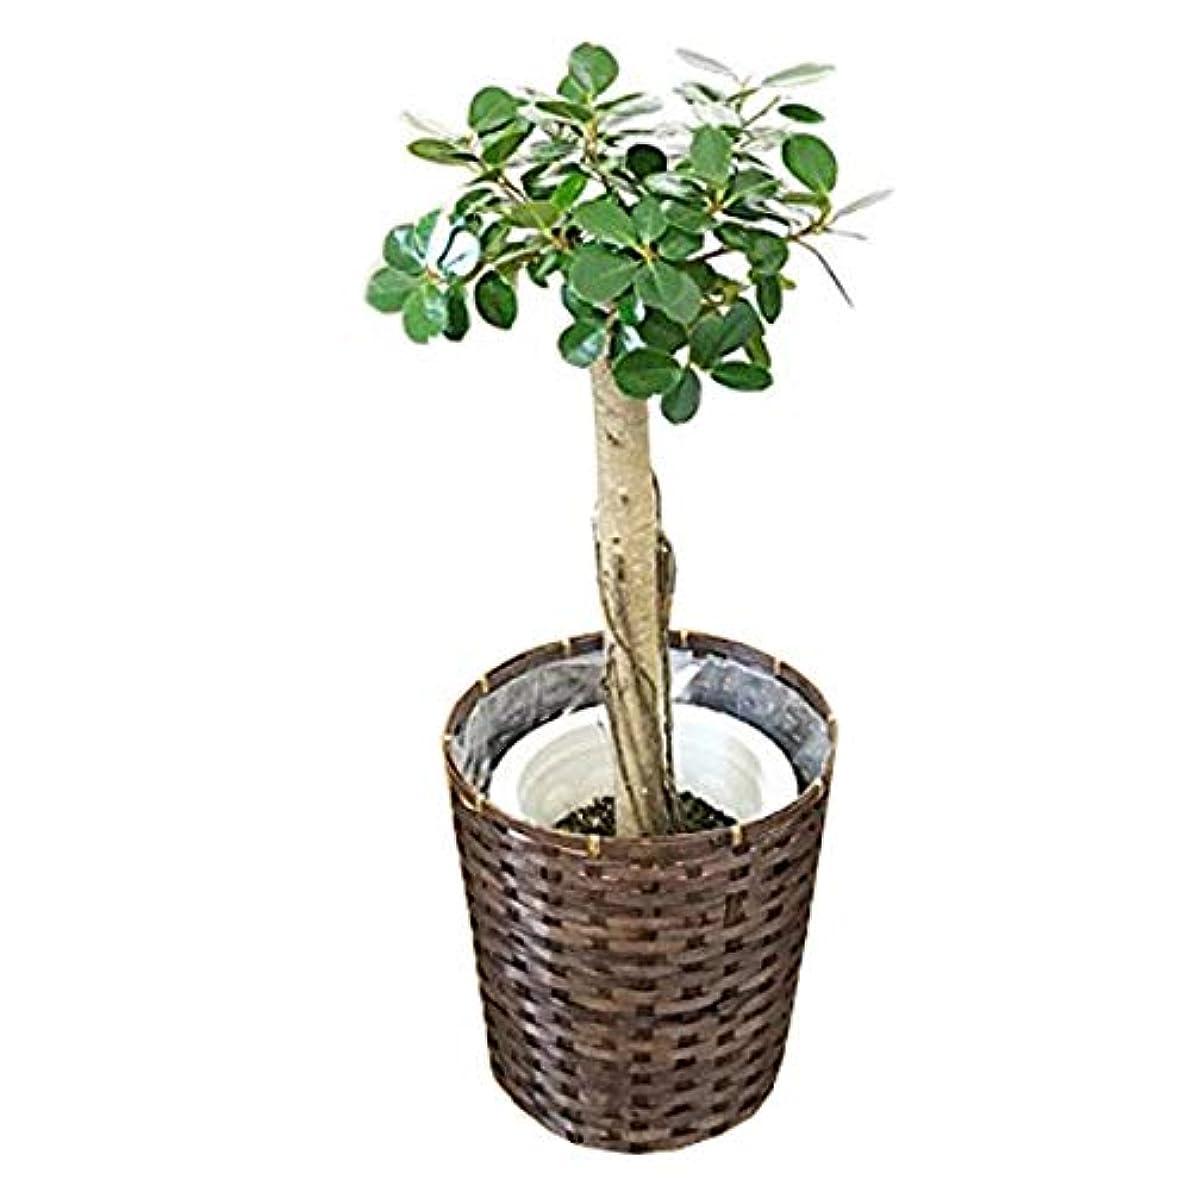 健康的見習い知性ガジュマル パンダガジュマル 鉢カバー付き ゴムの木 希少種 大型 観葉植物 本物 インテリア ガジュマルの木 ガジュマロ